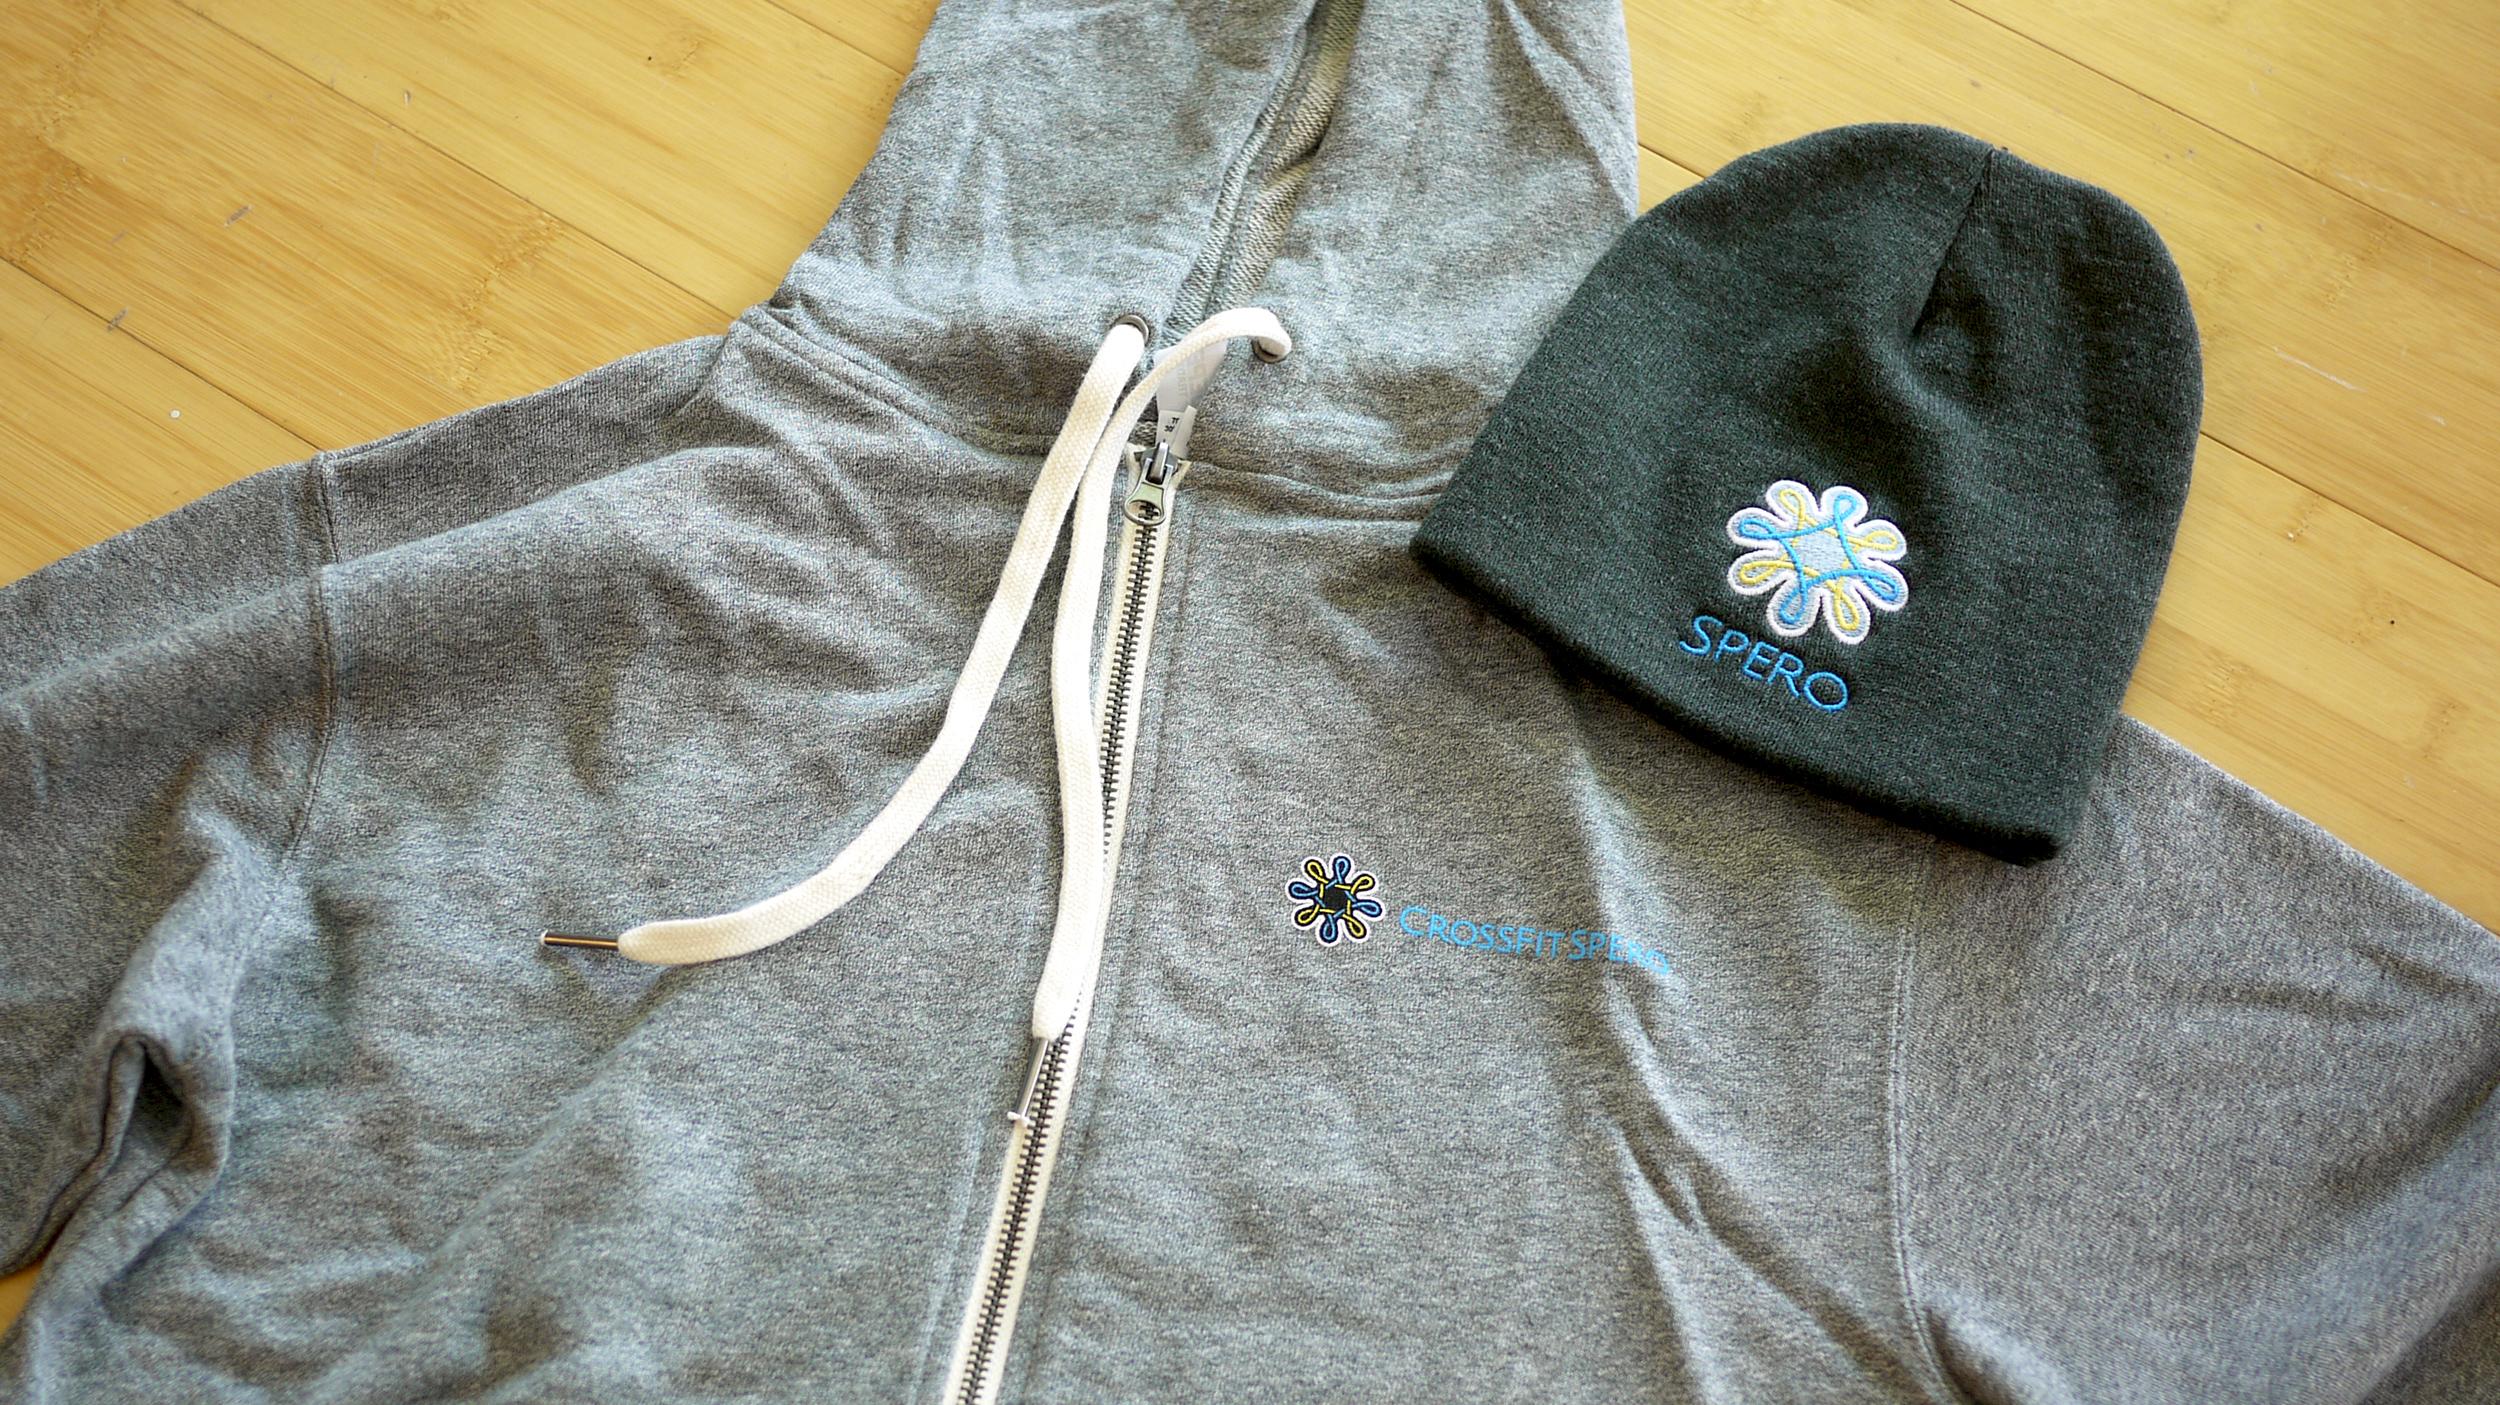 Crossfit Spero hoodie and beanie design